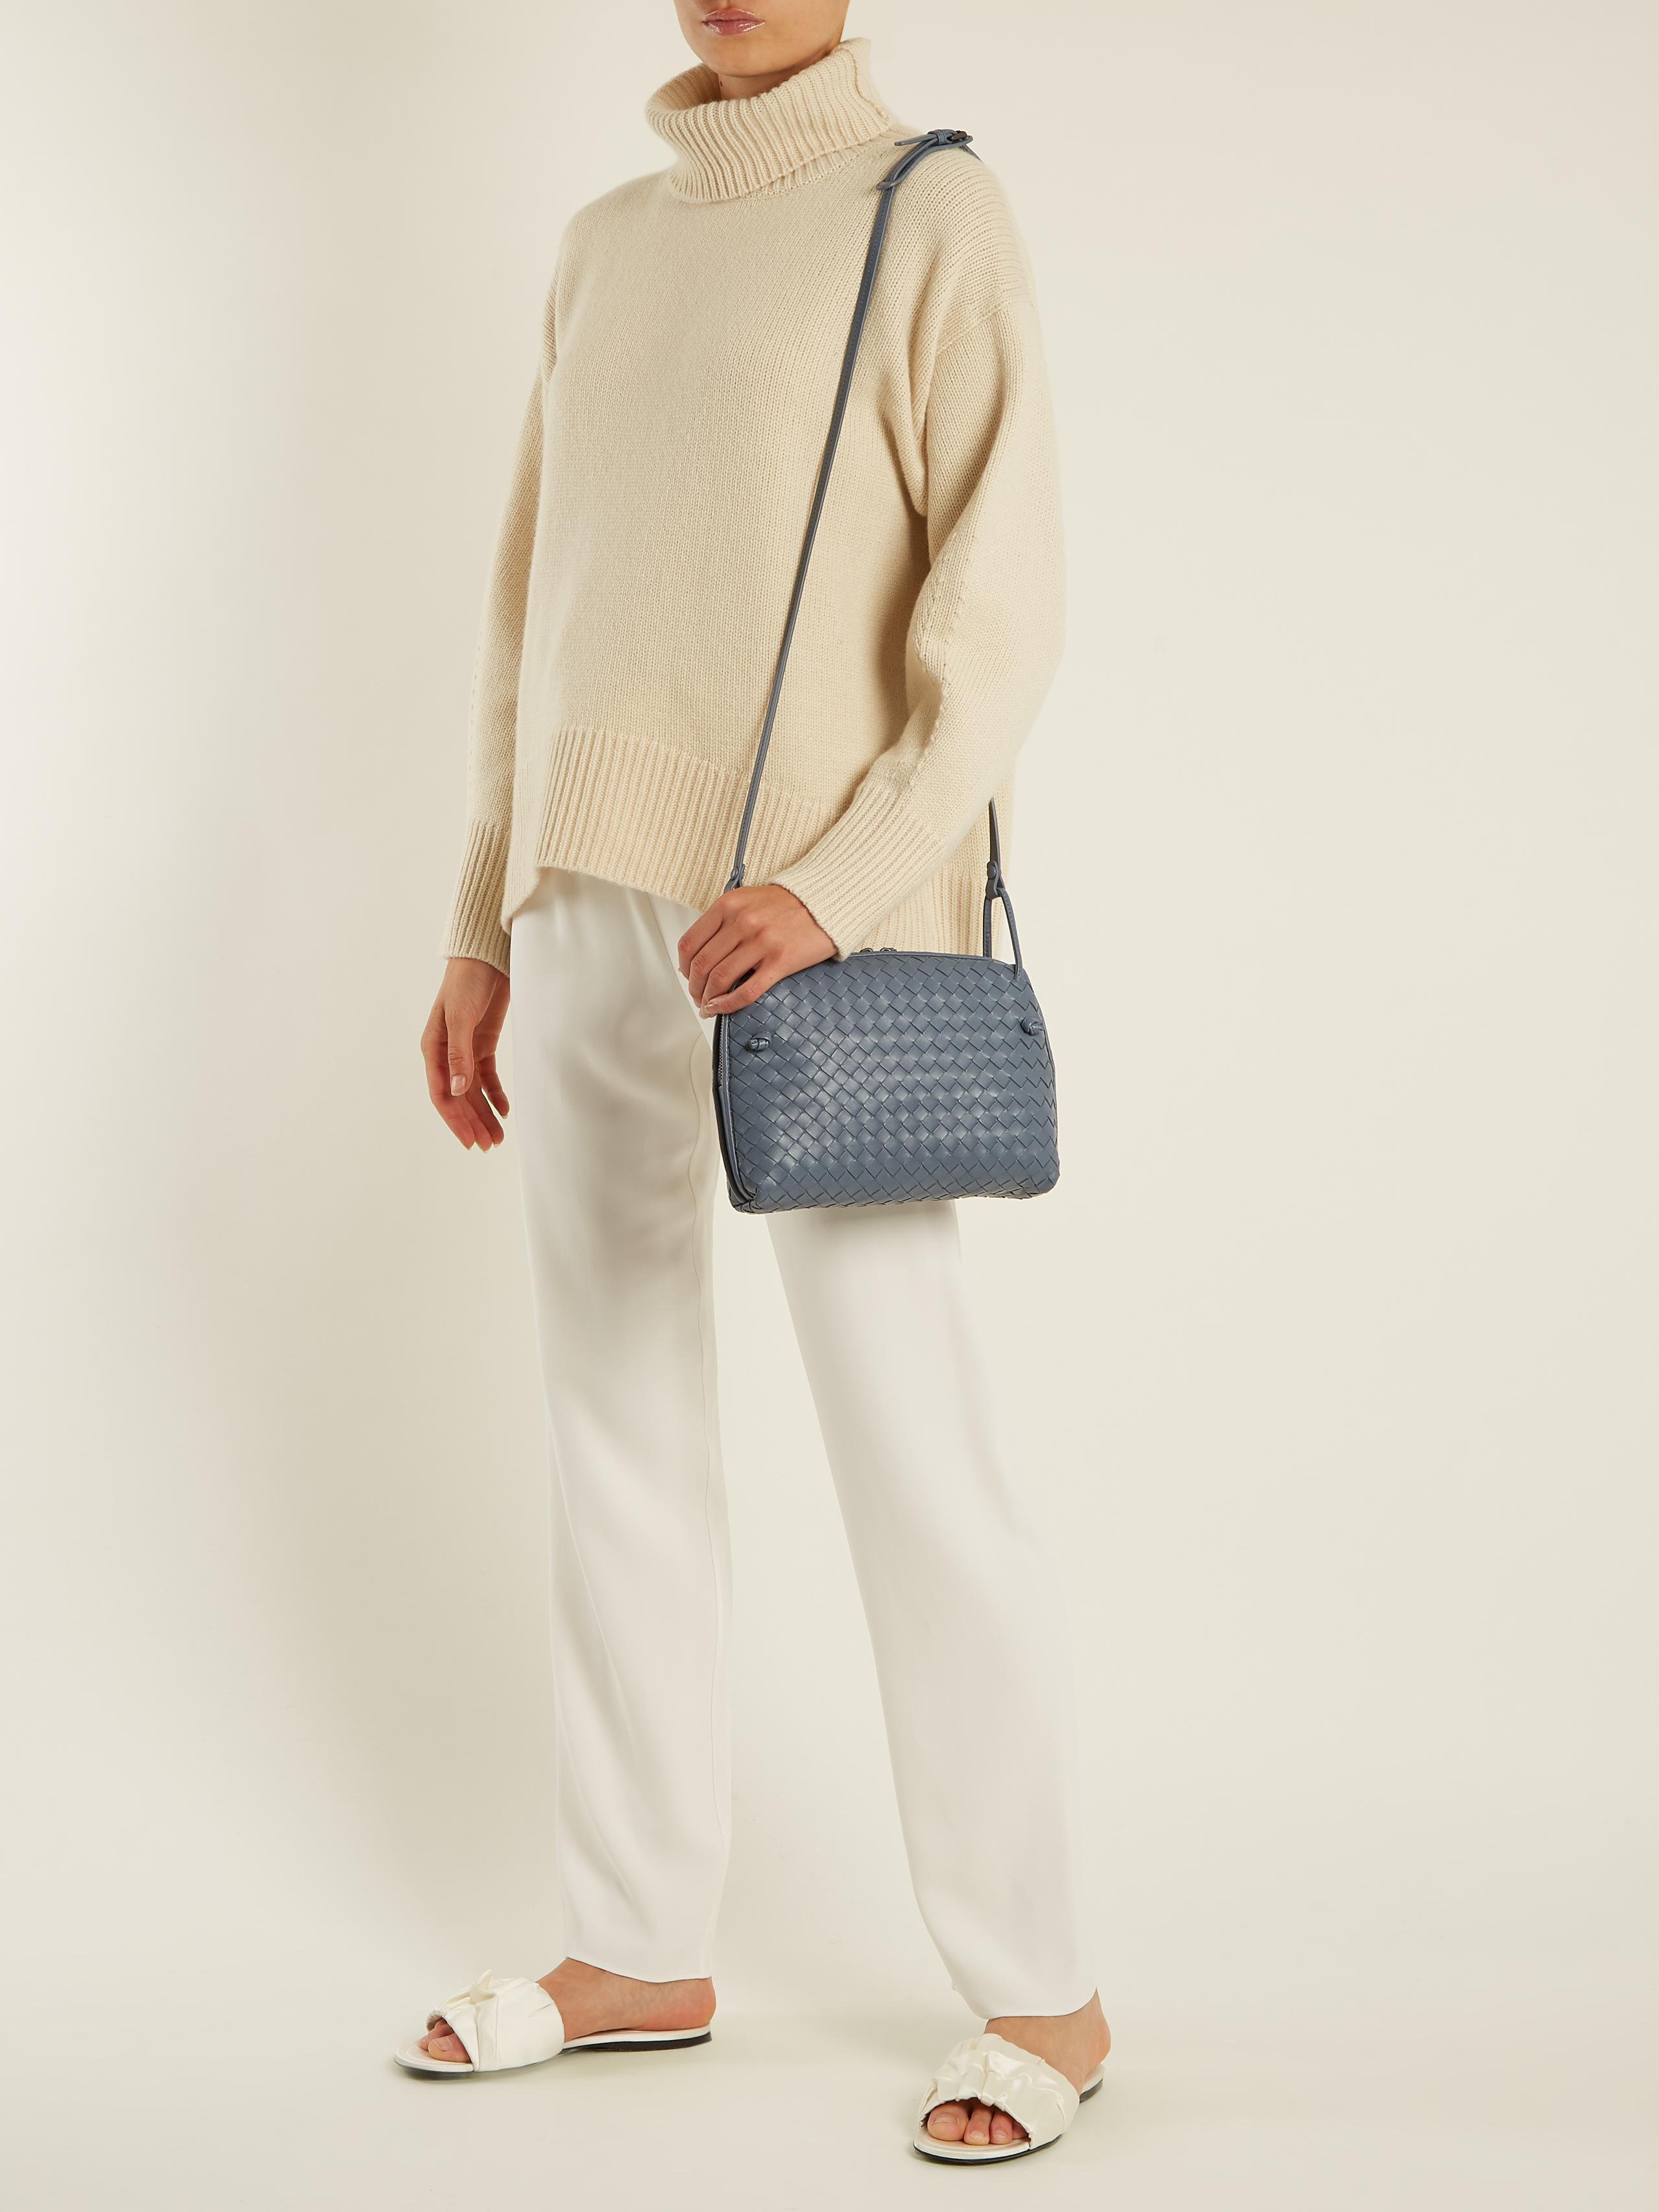 3ebe06c6a2 Bottega Veneta Nodini Small Intrecciato Leather Cross-body Bag in ...